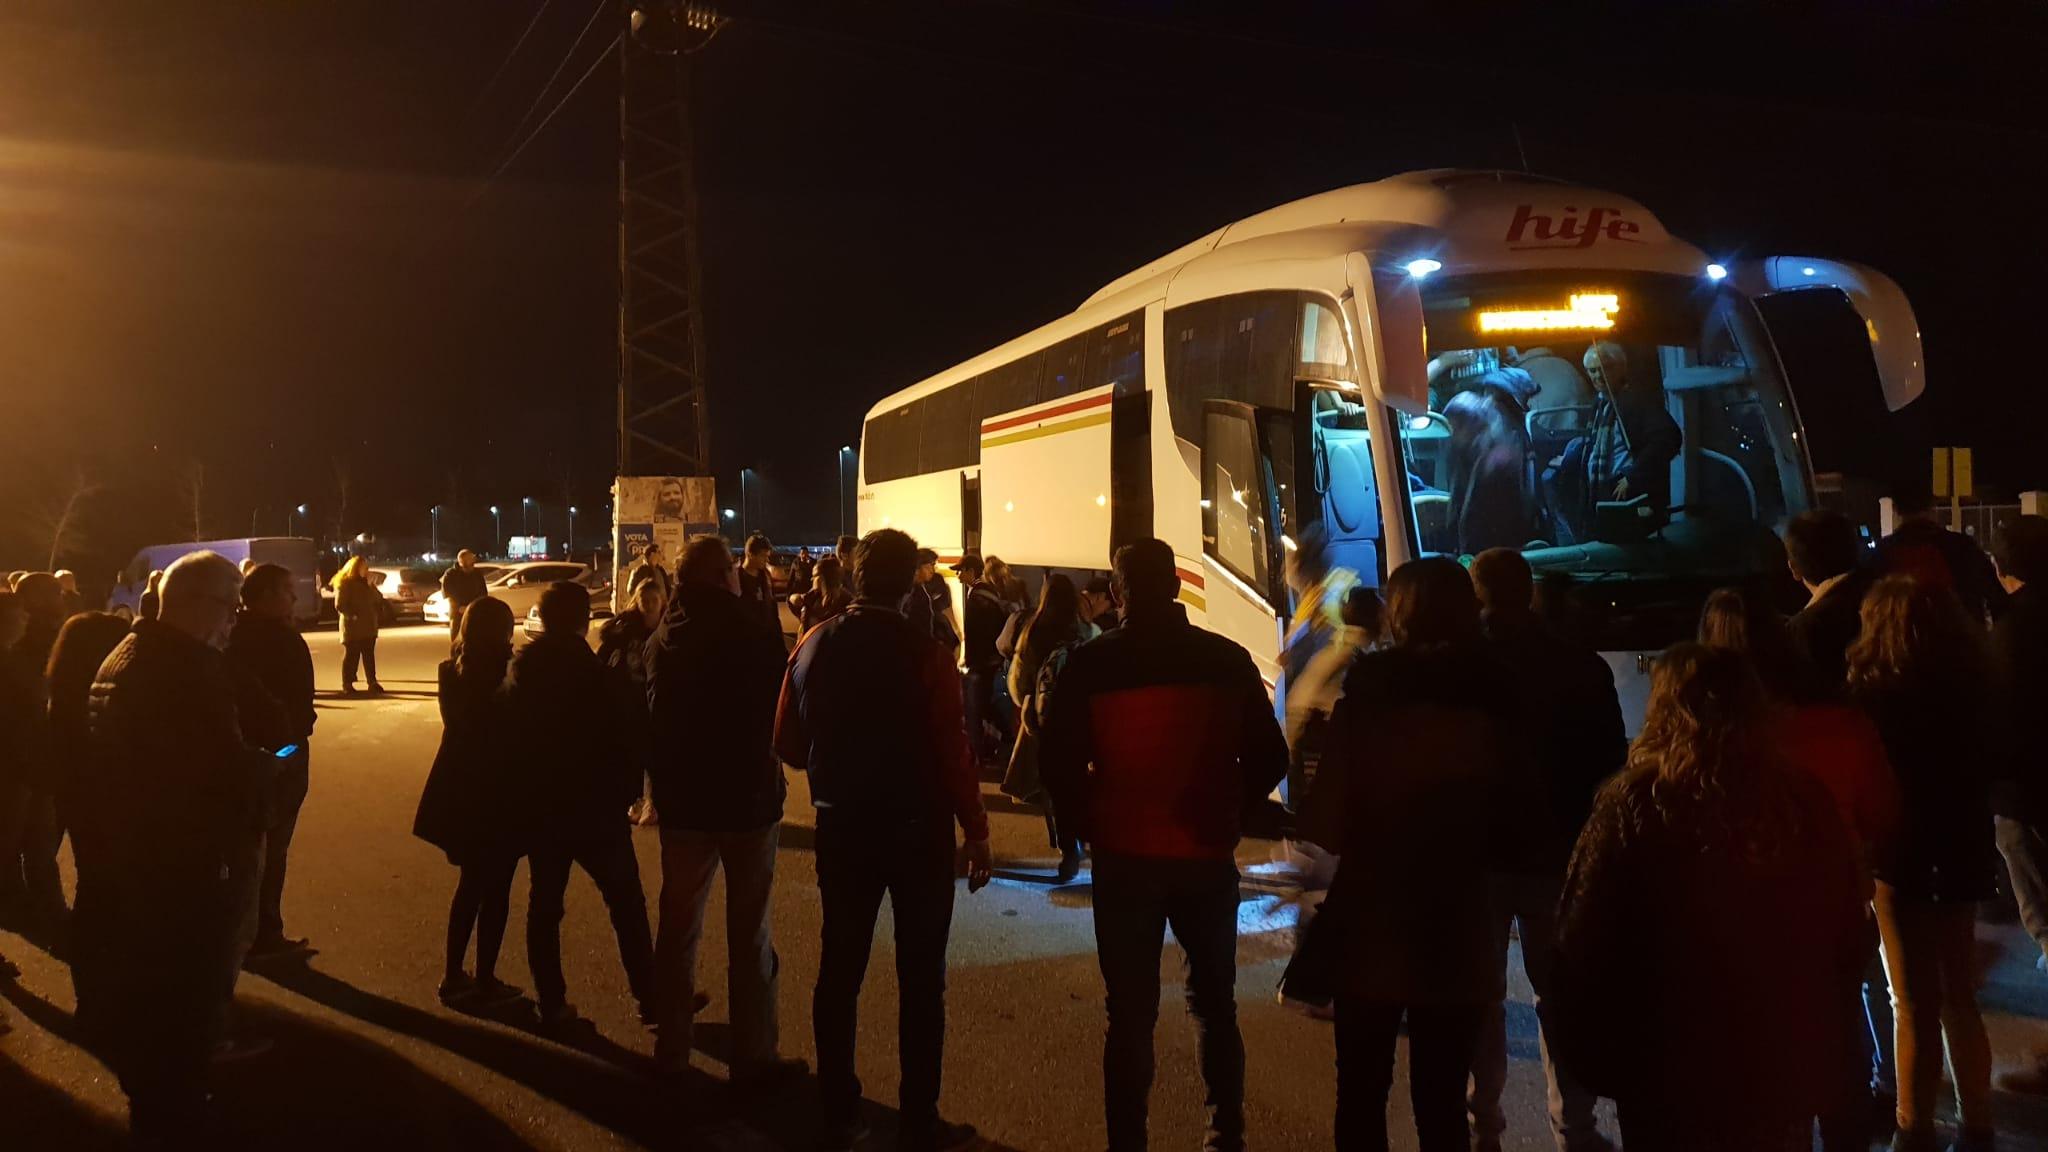 Volver de Italia: más miedo al rechazo que al coronavirus